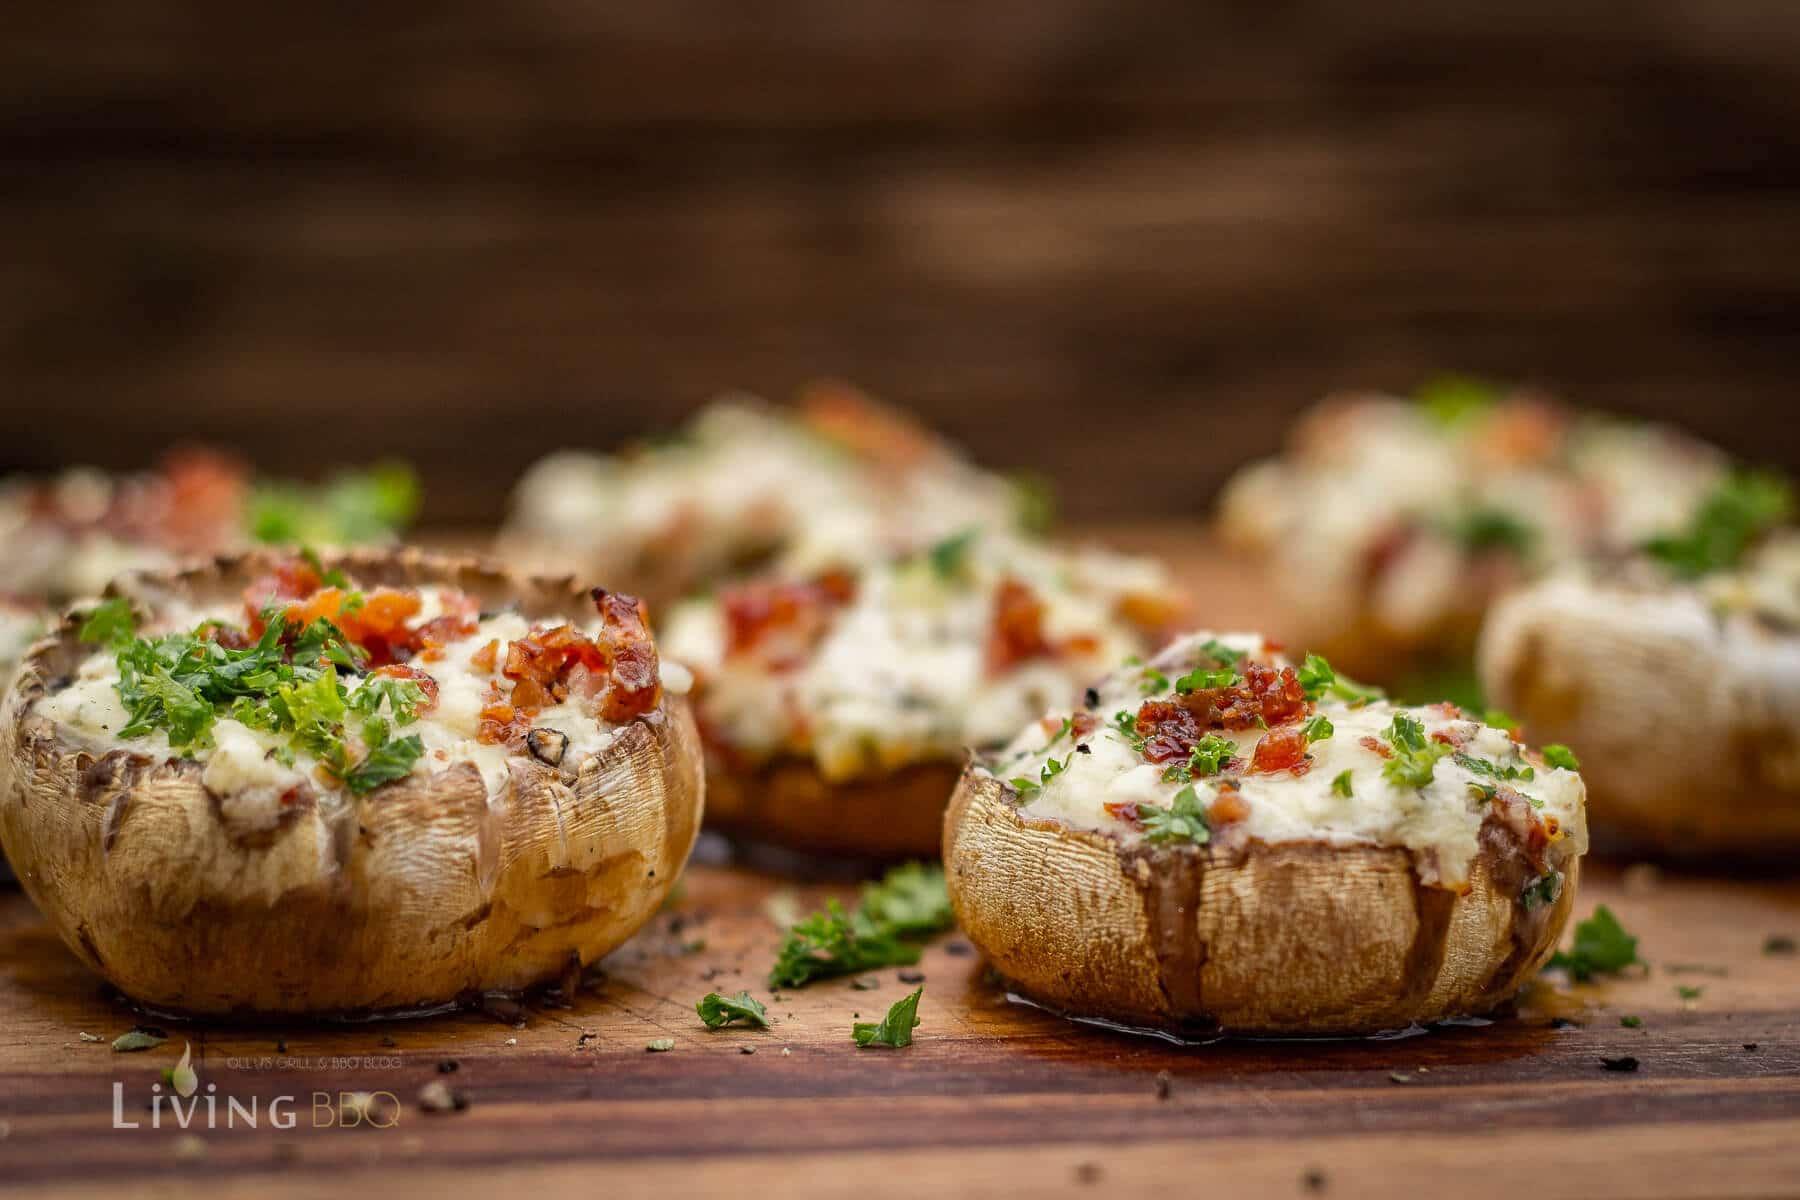 gefüllte Champignons vom Grill gefüllte champignons_Gefu  llte Champignons 9 von 9